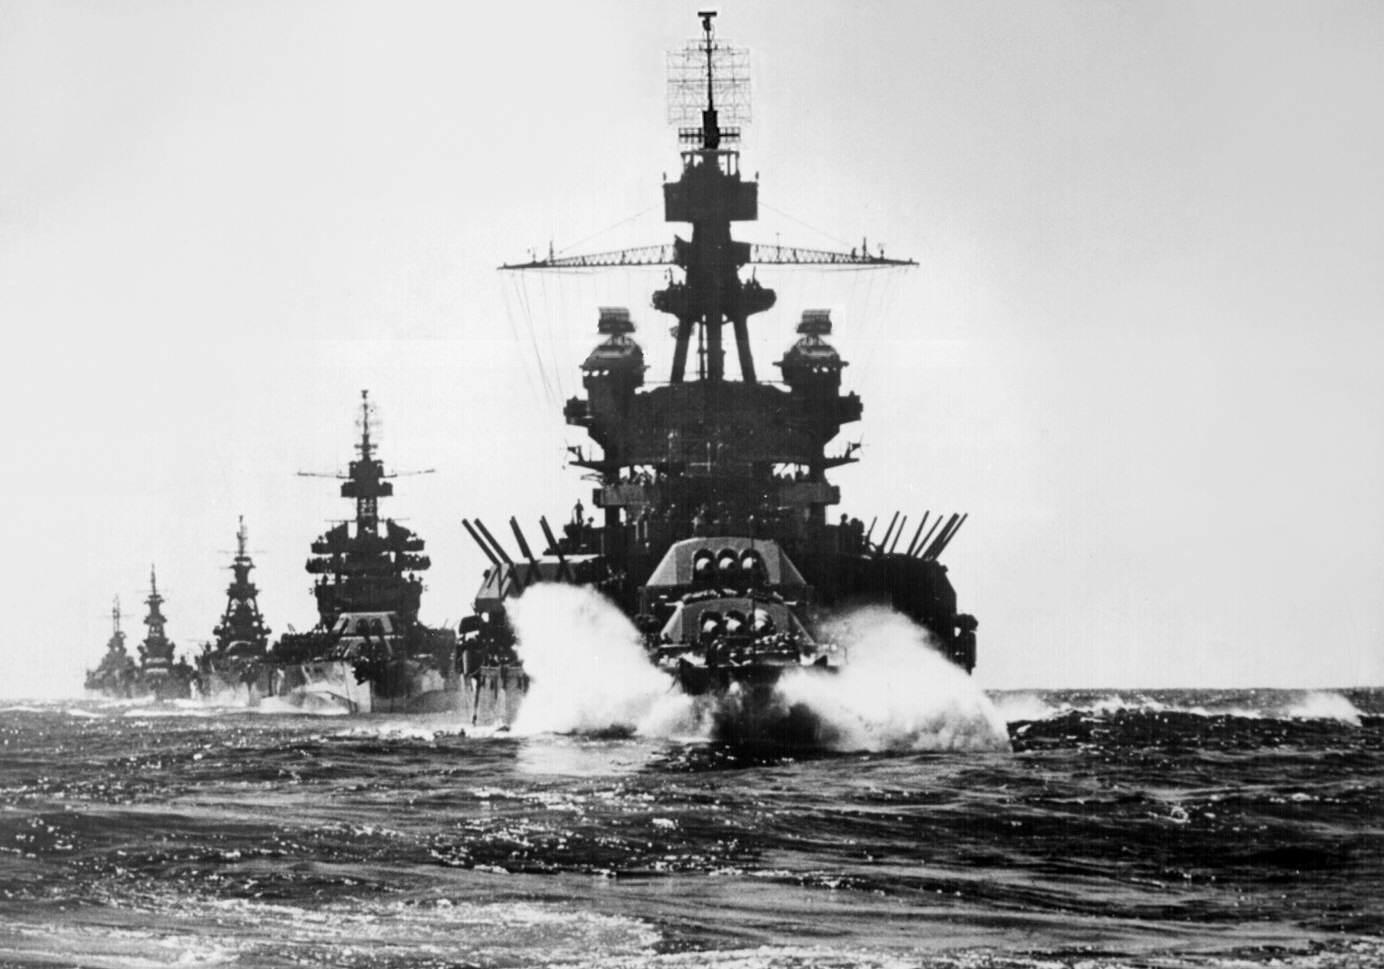 US warships entering Lingayen Gulf 1945 - Le BB38 Pennsylvania devance les USS Colorado (BB-45), USS Louisville (CA-28), USS Portland (CA-33), et USS Columbia (CL-56) avant le débarquement de Luzon (Philippines) en janvier 1945